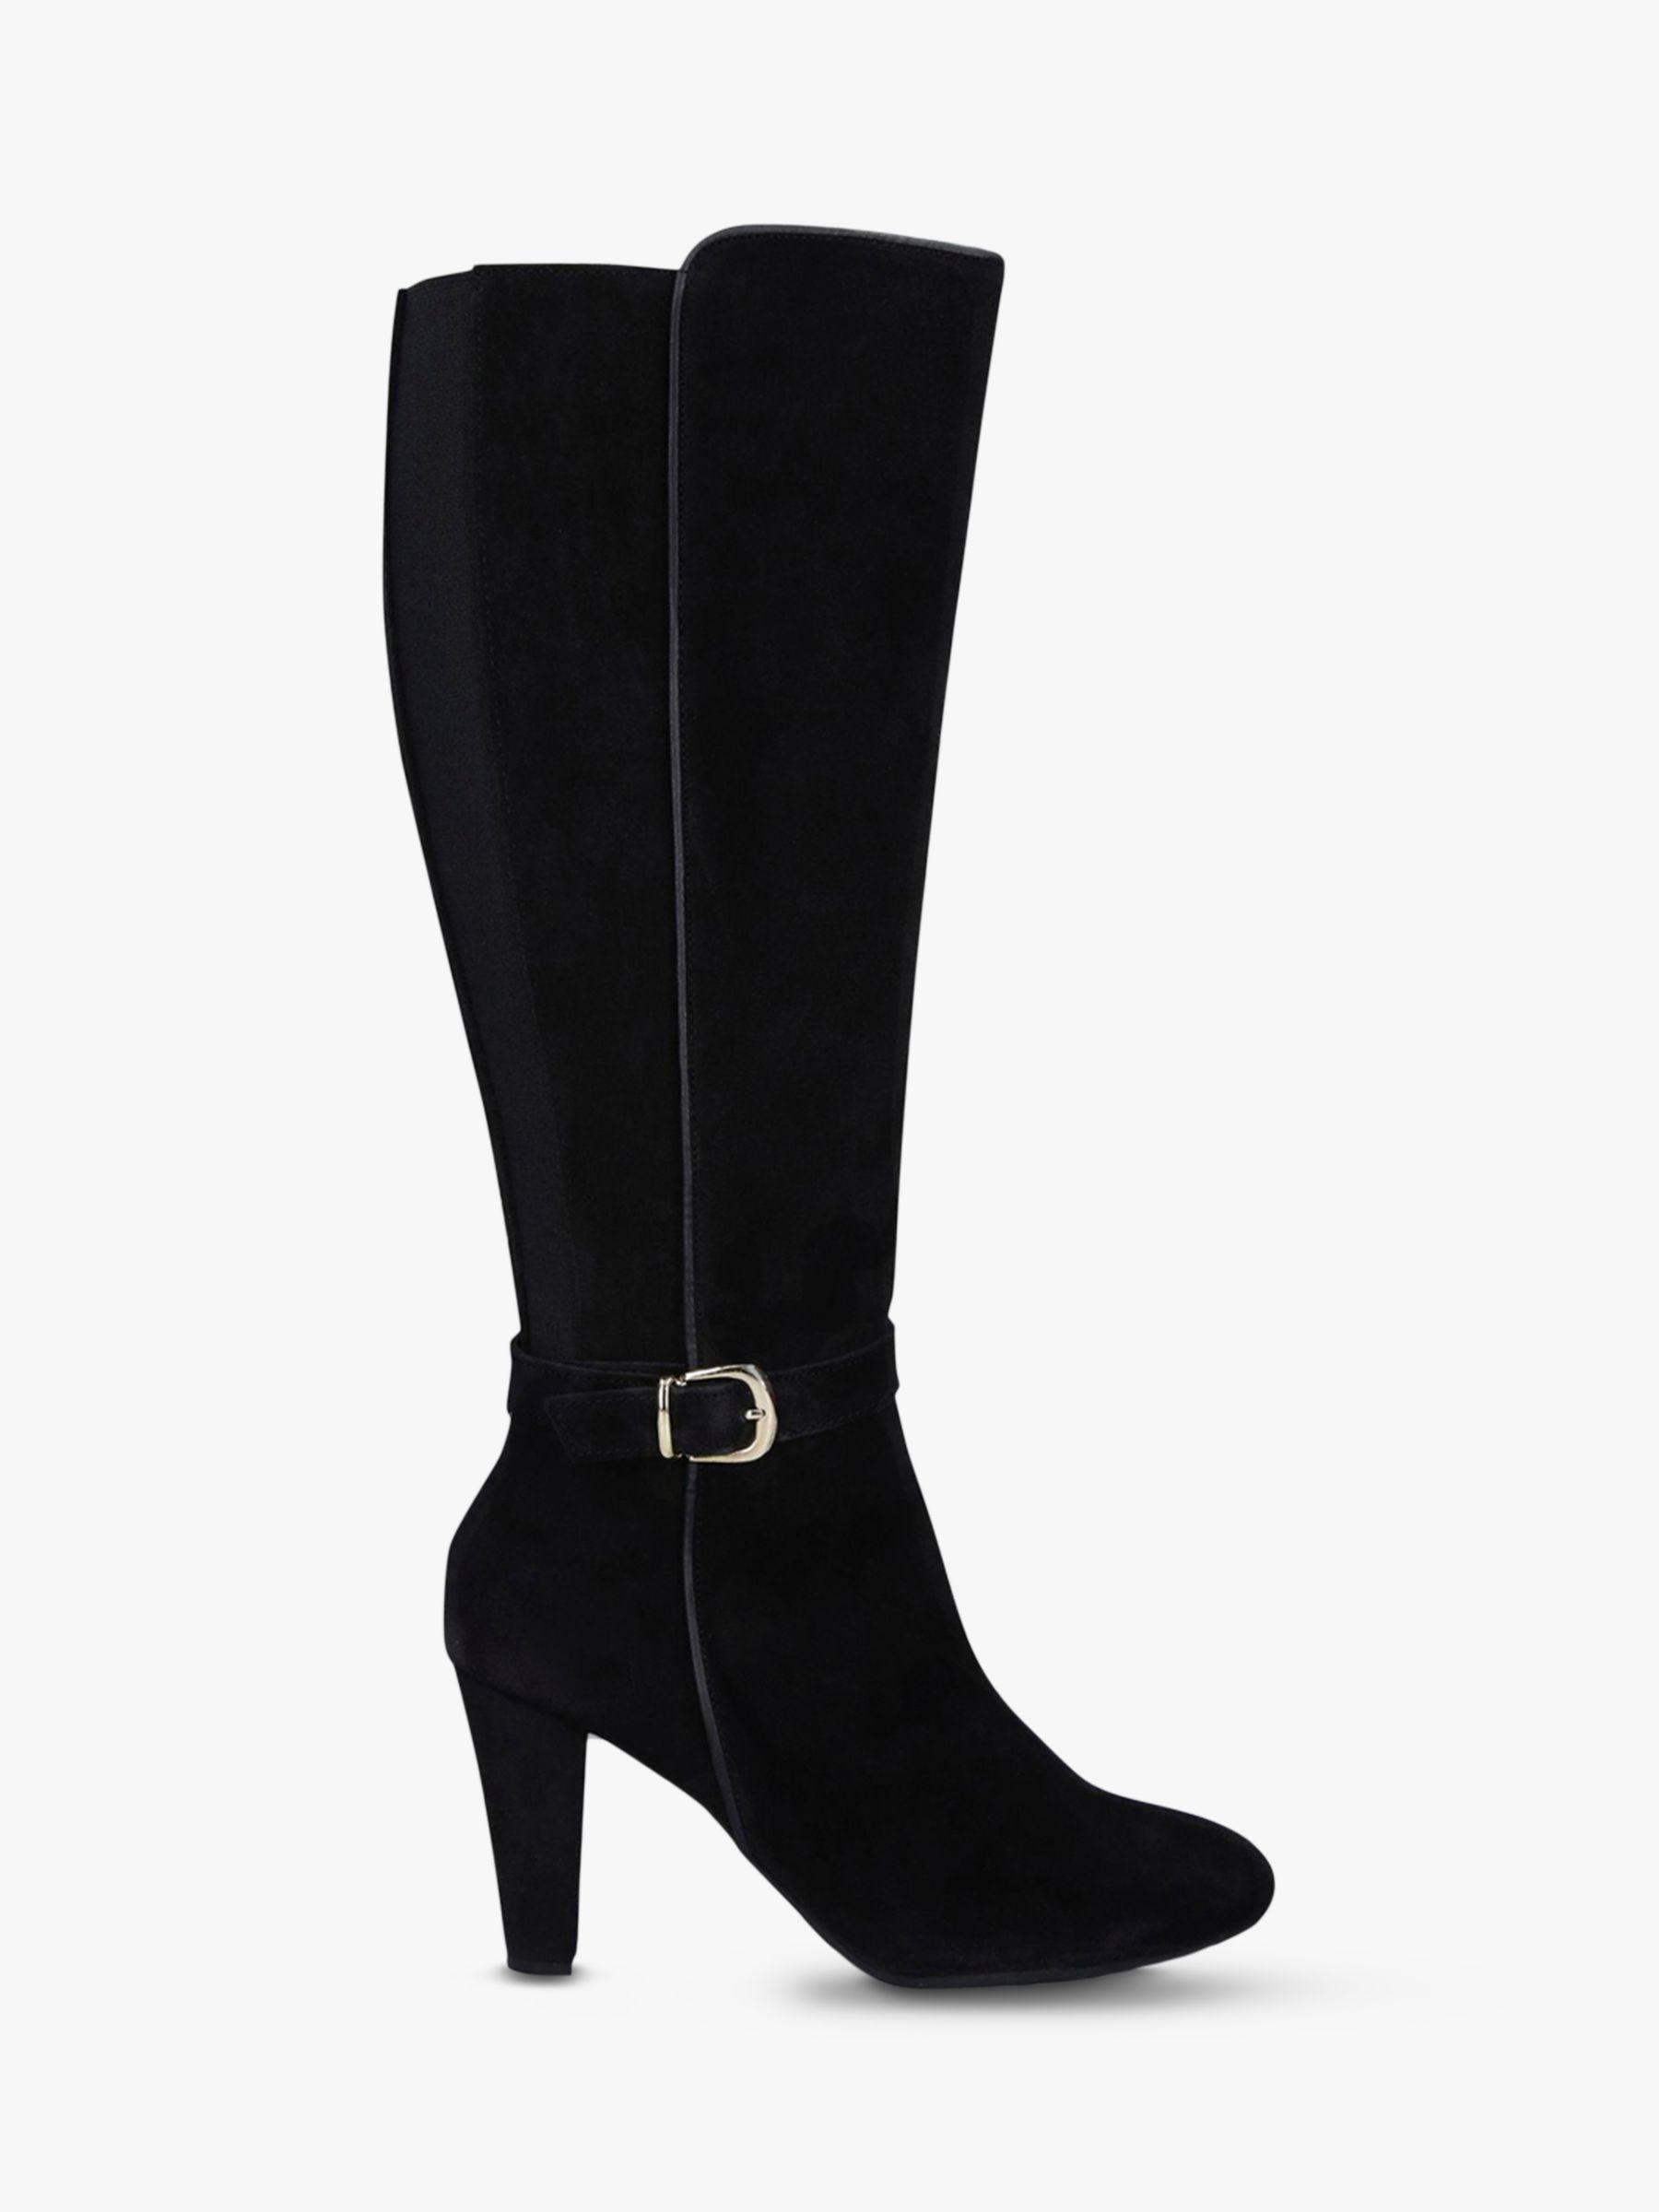 Carvela Comfort Carvela Comfort Villa Suede Block Heel Knee High Boots, Black